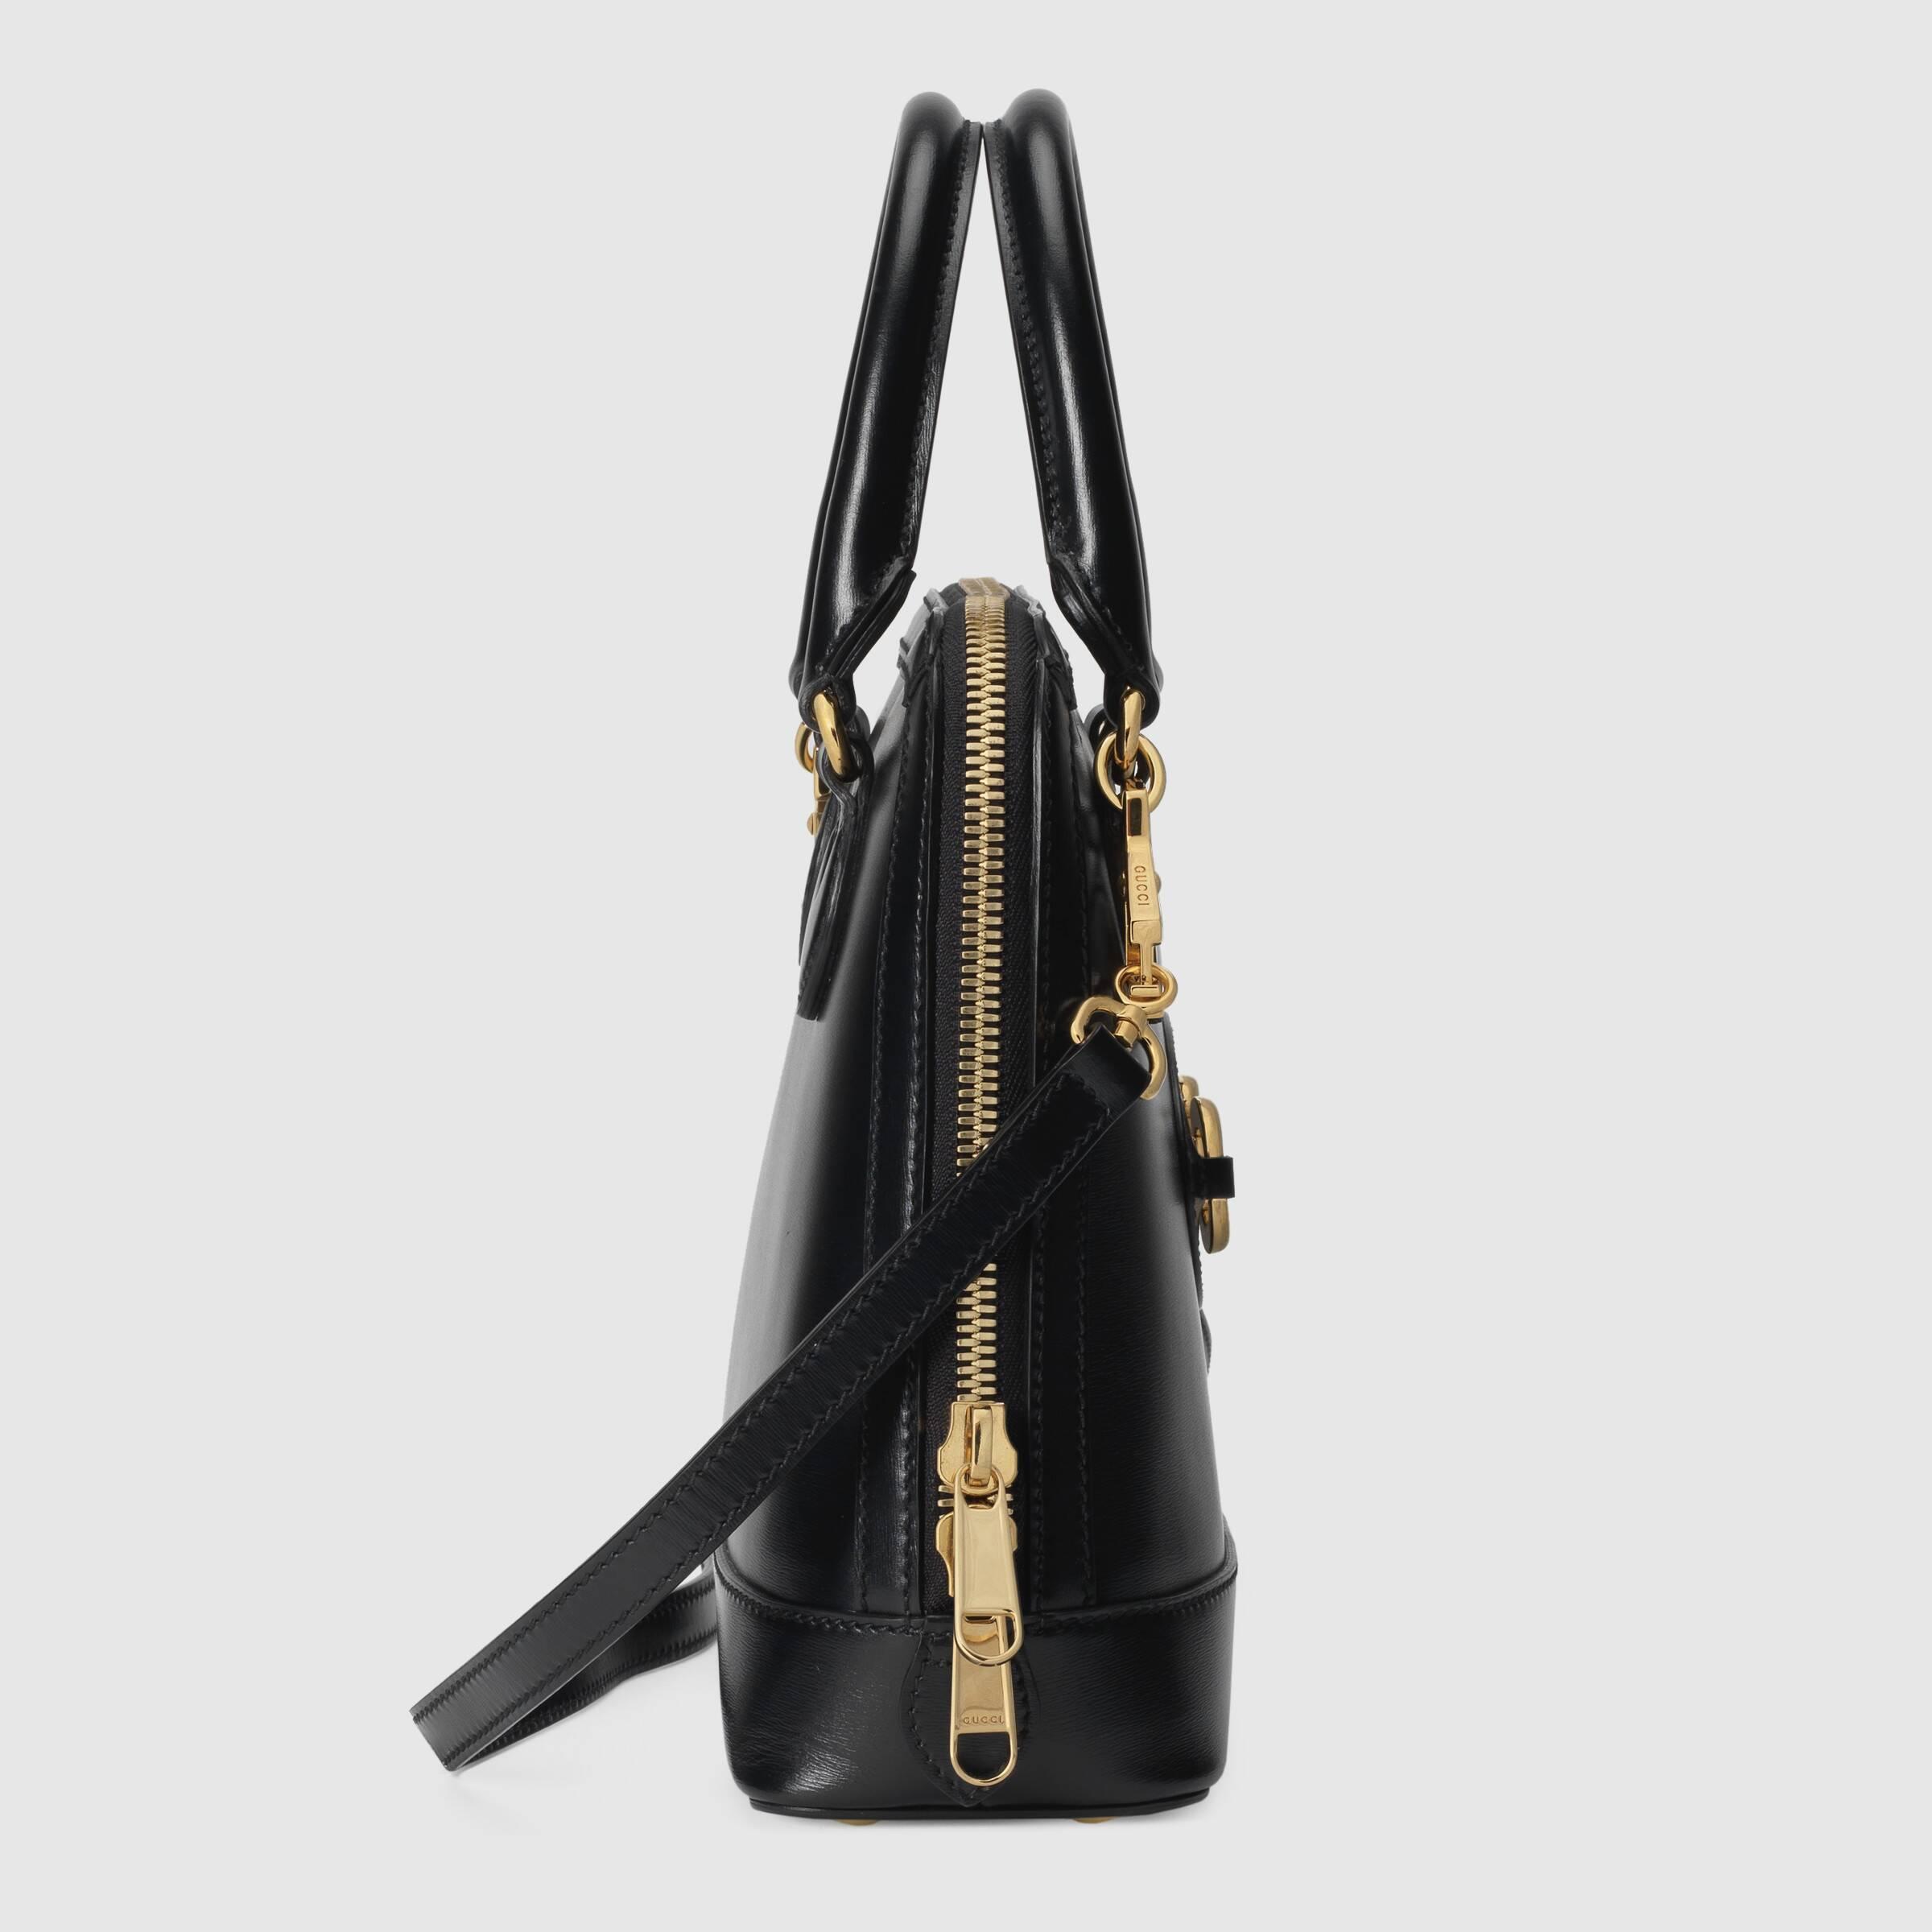 유럽직배송 구찌 토트백 GUCCI 1955 Horsebit small top handle bag 6212200YK0G1000